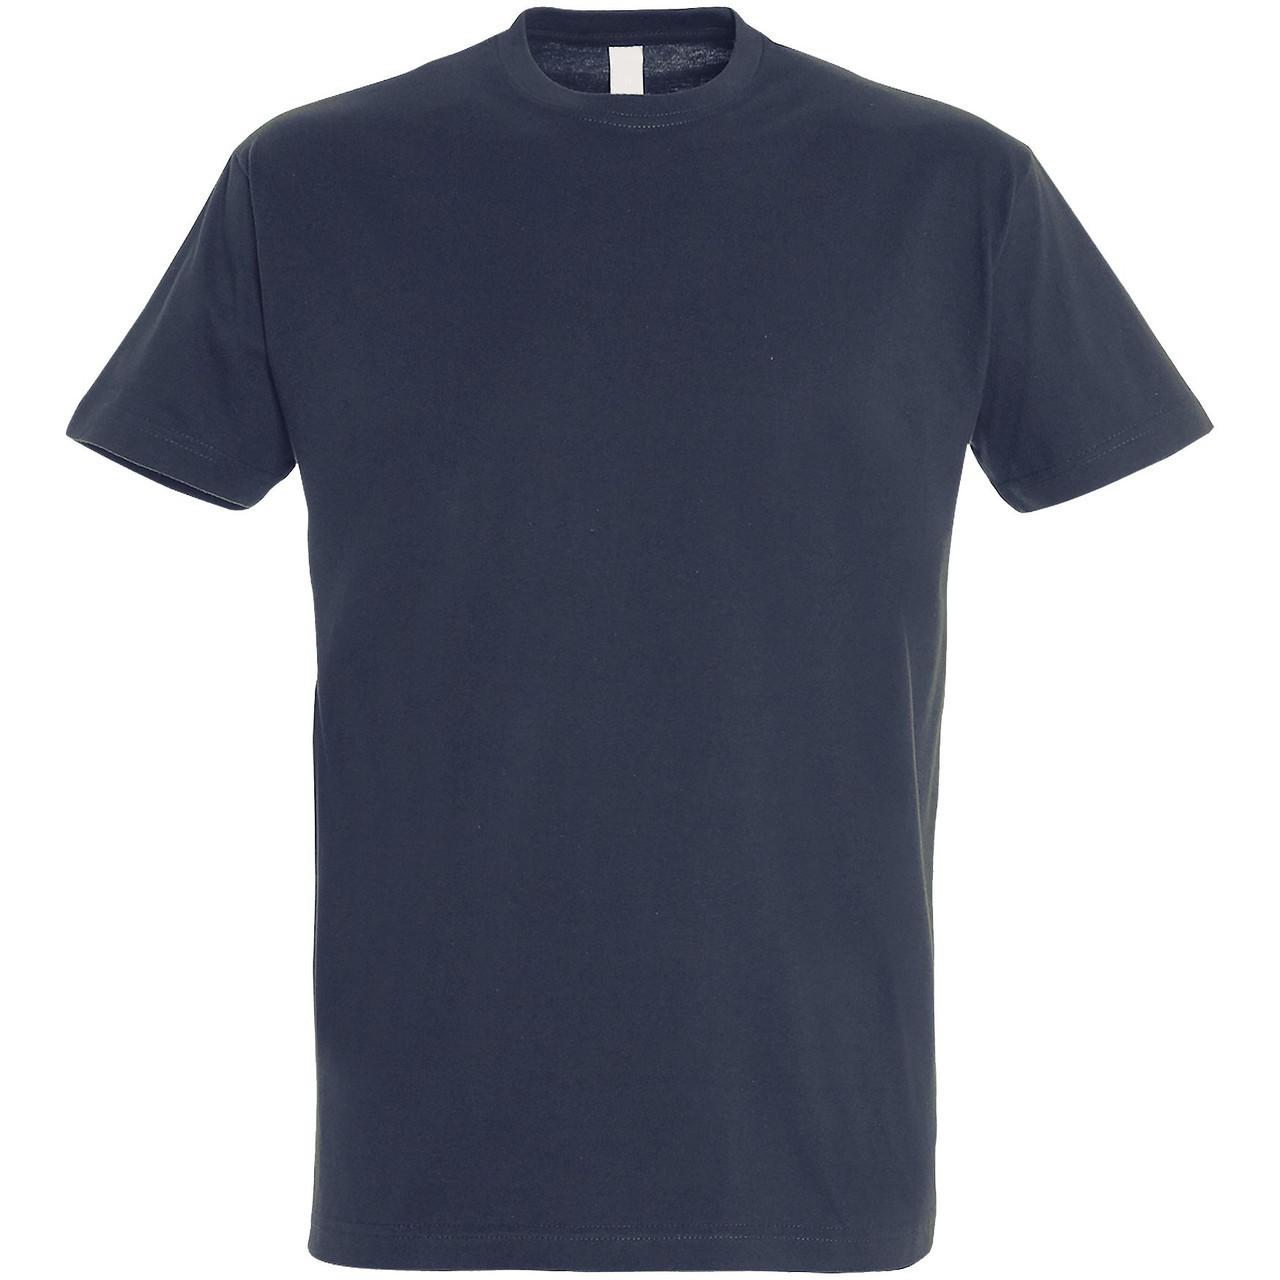 Oднотонная футболка | Темно-синяя | 160 гр. | M